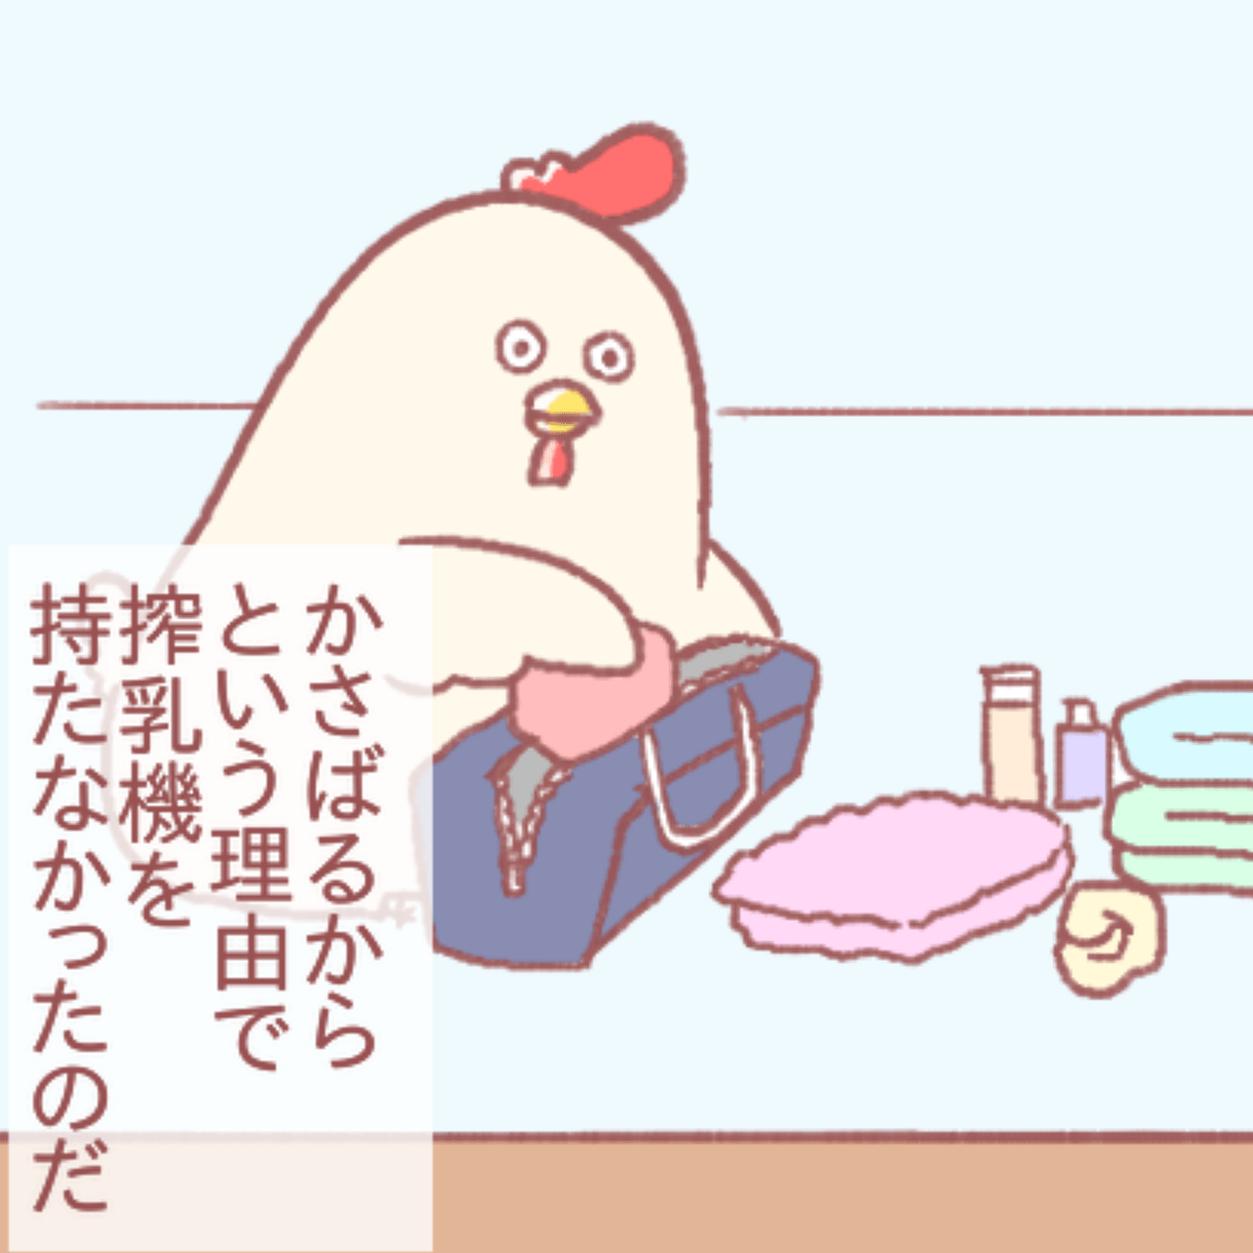 悲劇!旅行に搾乳機を忘れた(前編)|鳥谷丁子のオモテ育児・ウラ育児#20